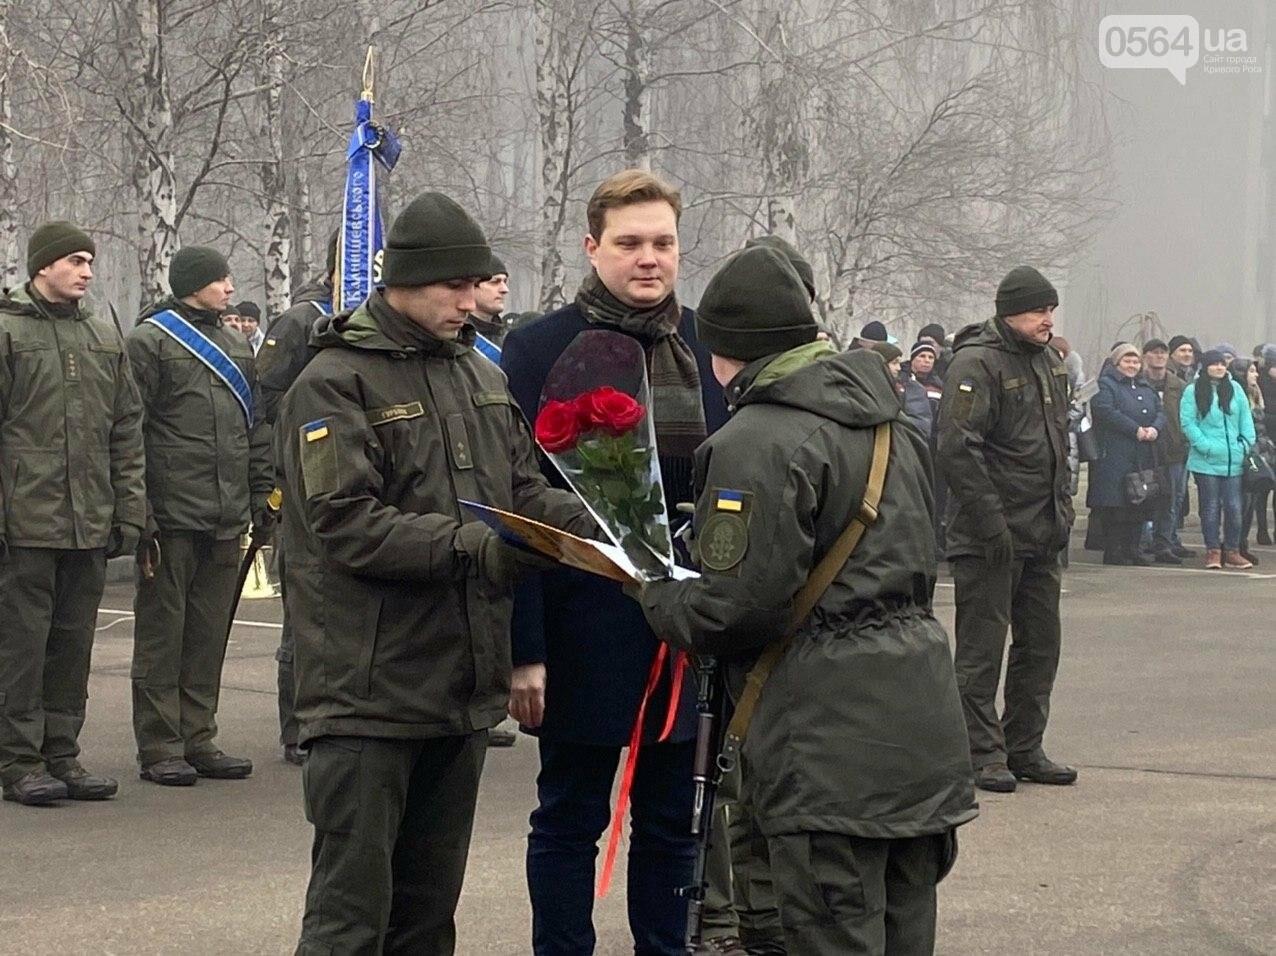 В Кривом Роге на верность украинскому народу присягнули 43 нацгвардейца, - ФОТО, ВИДЕО , фото-49